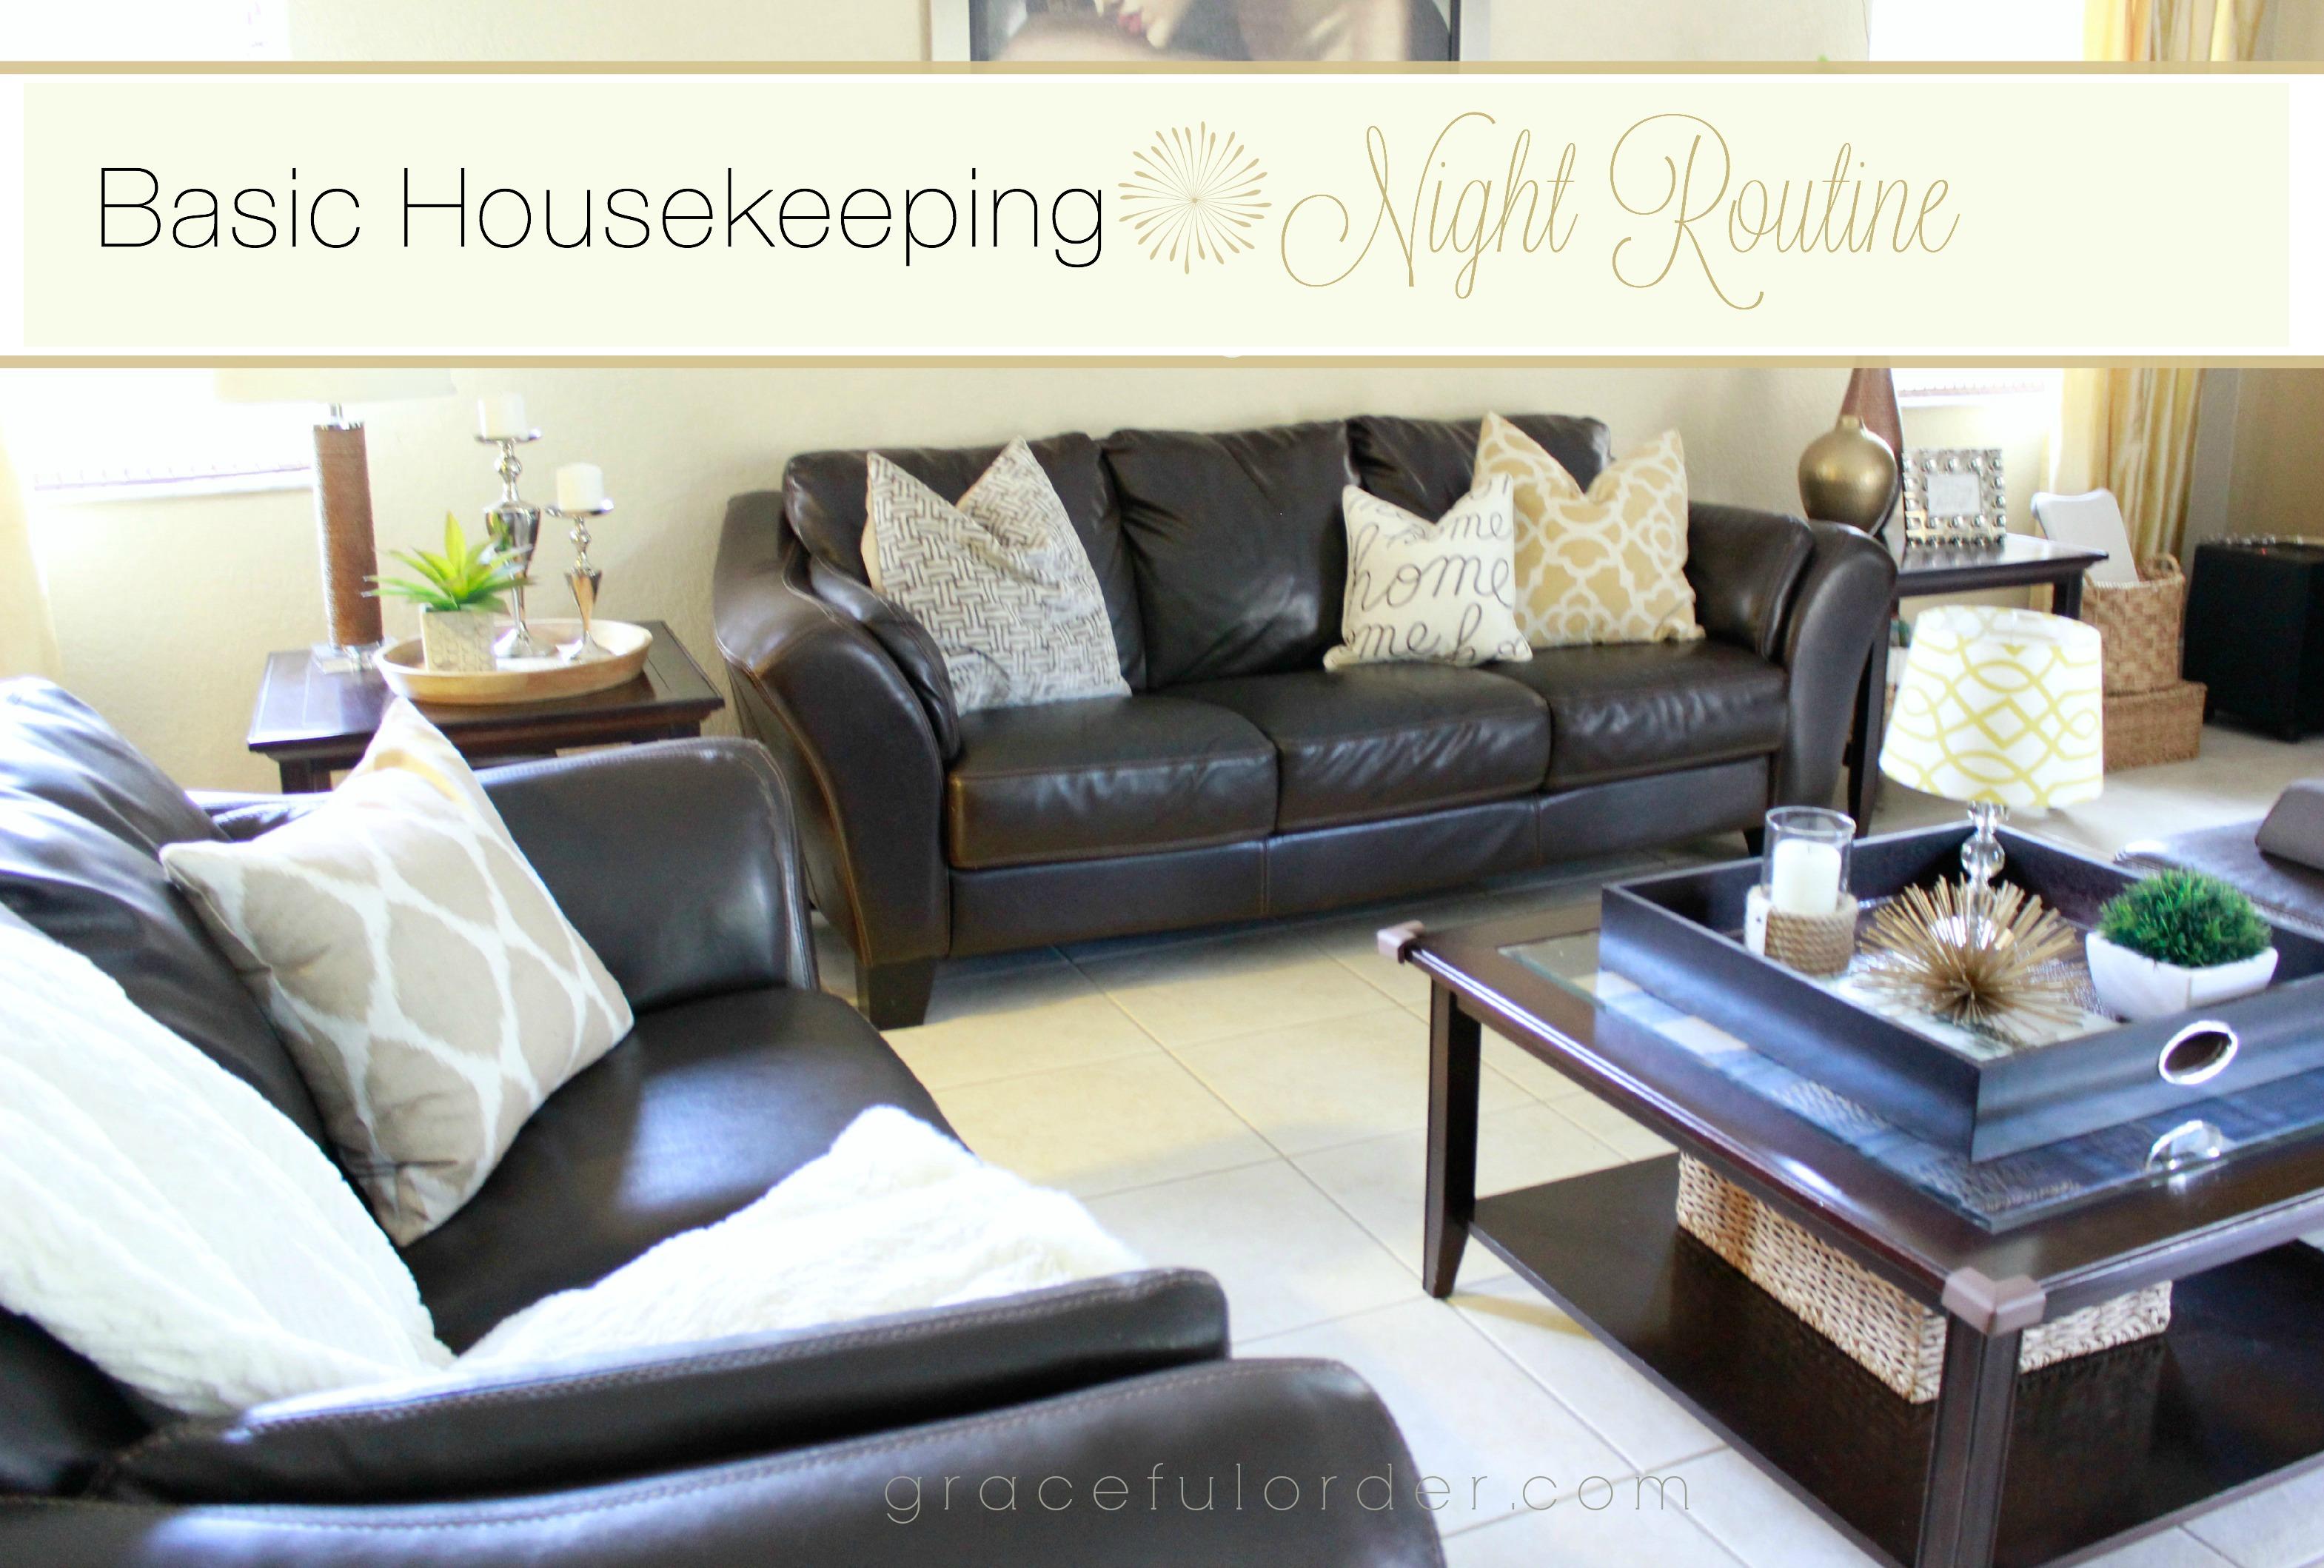 Basic Housekeeping - Night Routine - Graceful Order